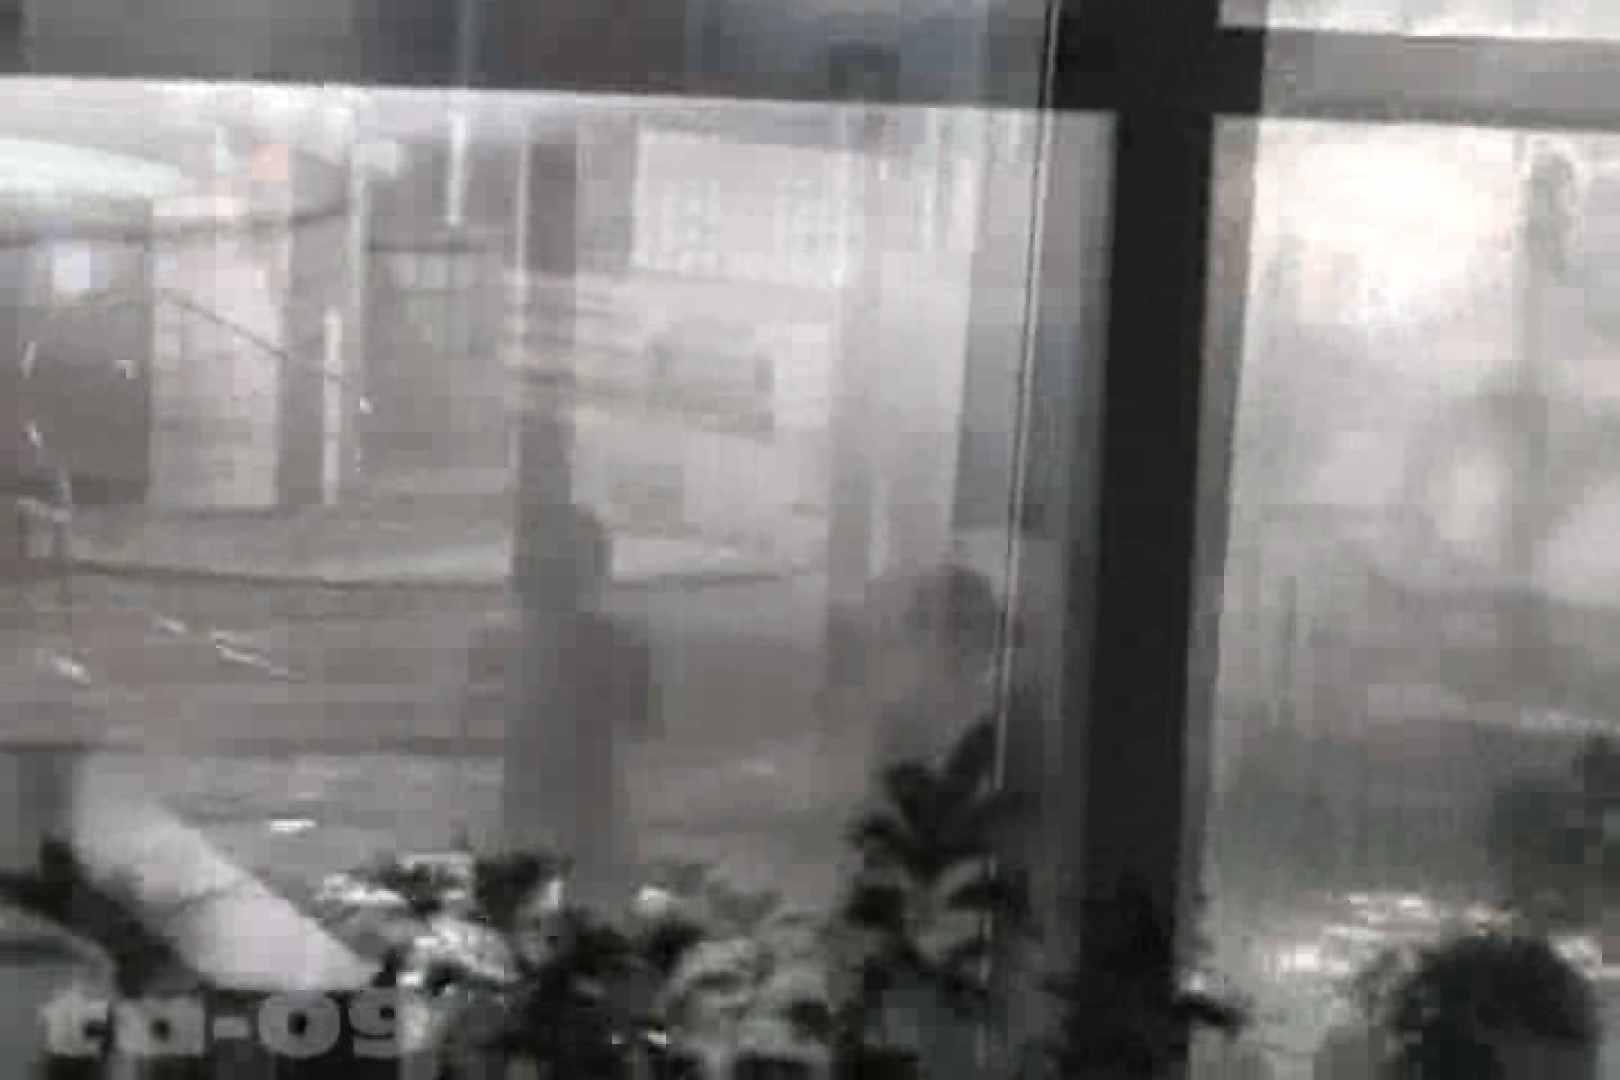 合宿ホテル女風呂盗撮高画質版 Vol.09 合宿 おまんこ動画流出 96枚 14